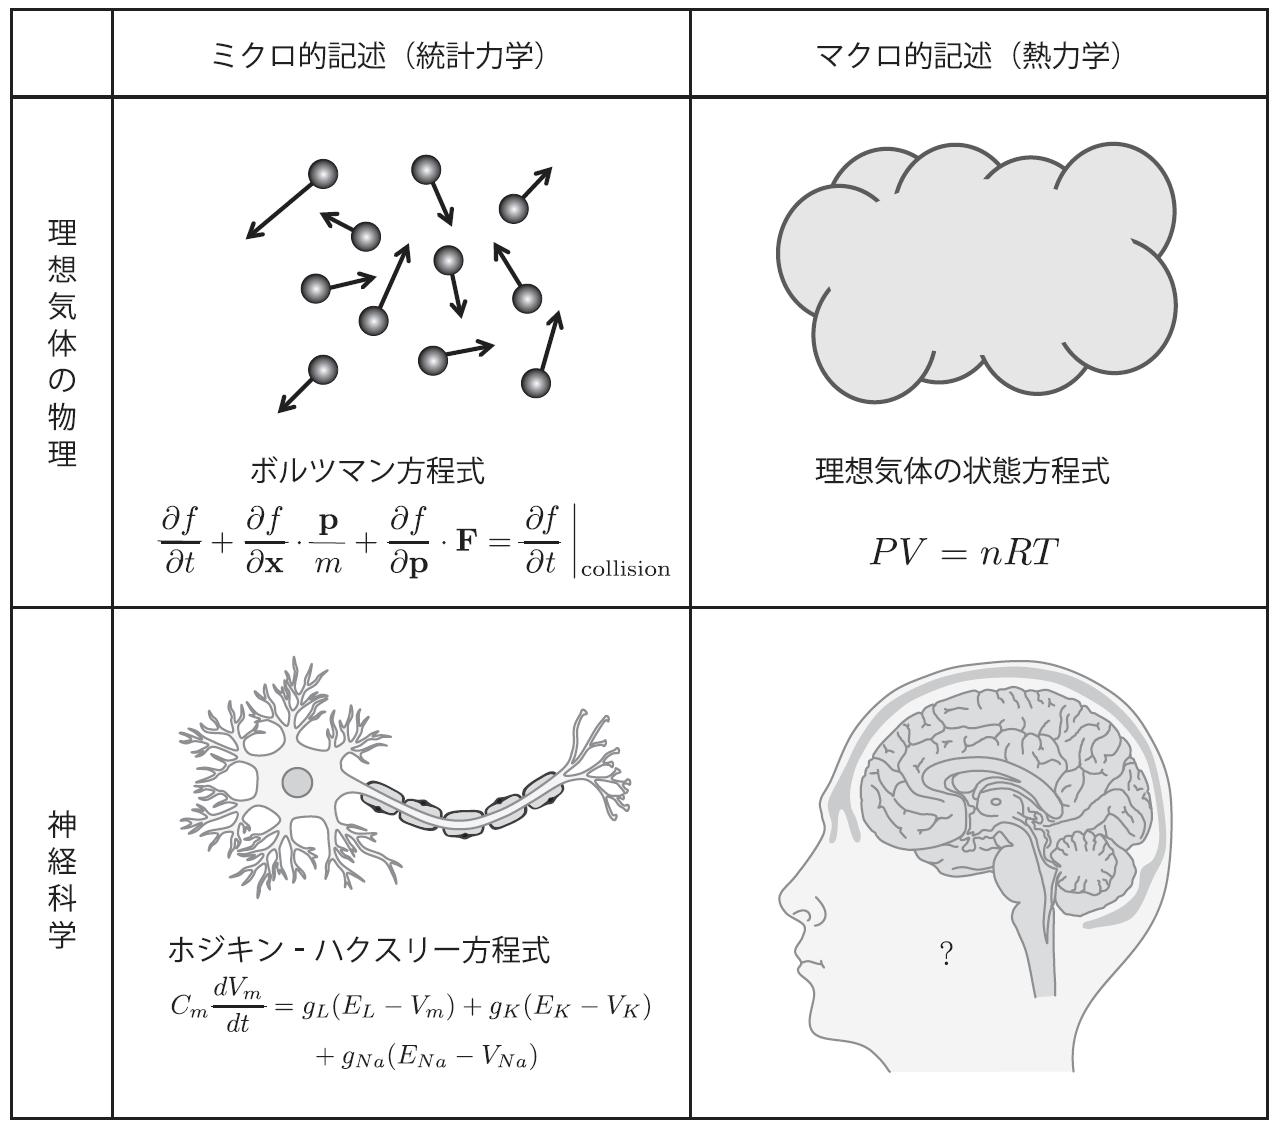 神経科学は脳をどこまで理解したか 森北出版 note